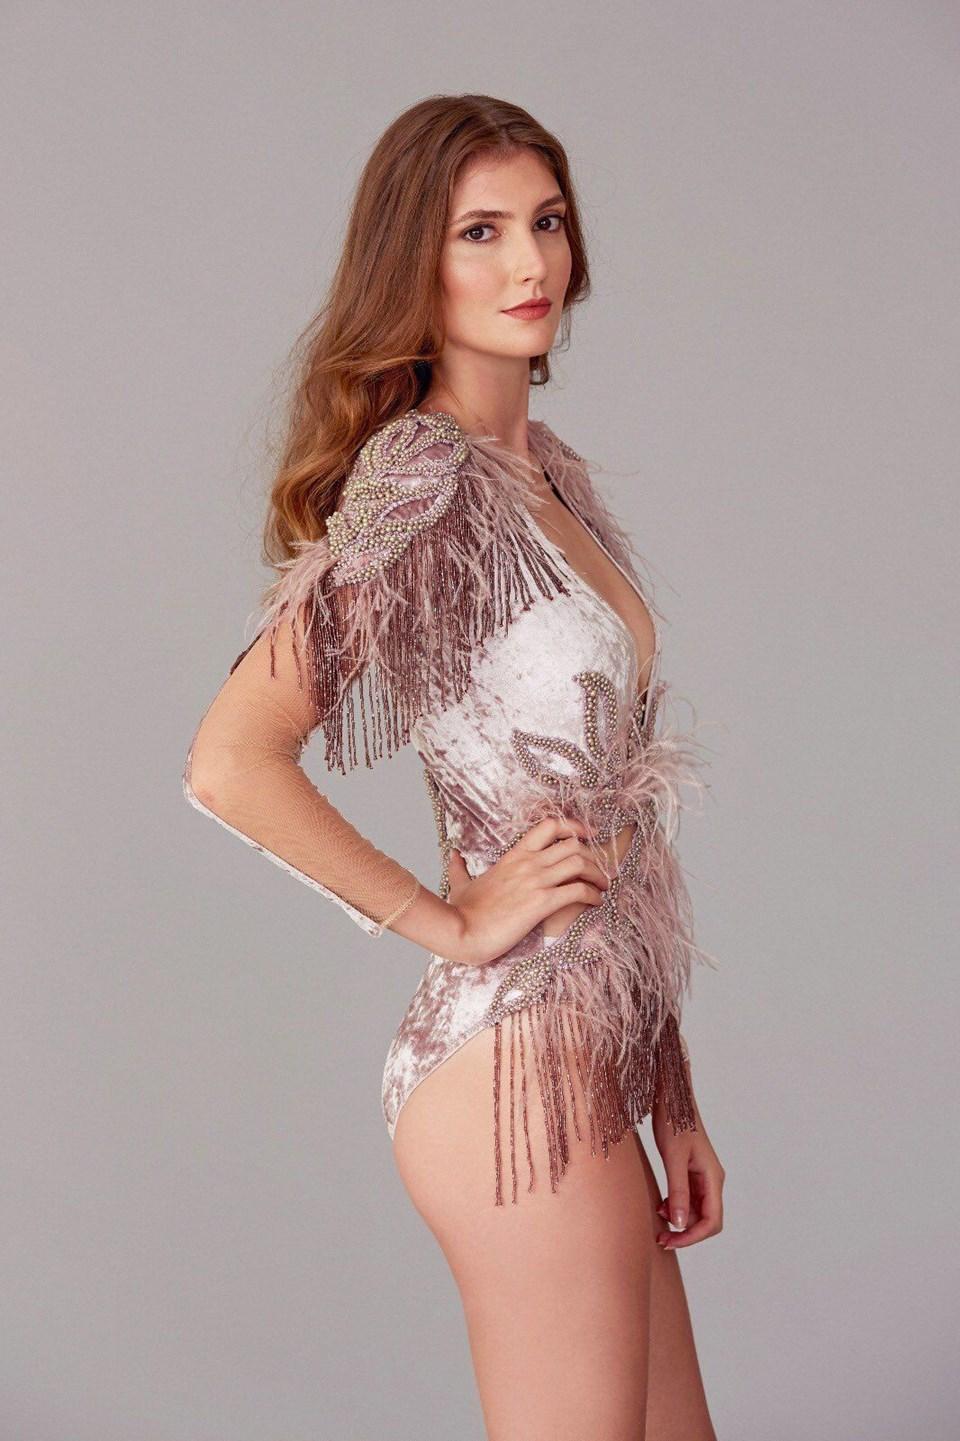 Miss Turkey 2018, Damla Özdemir